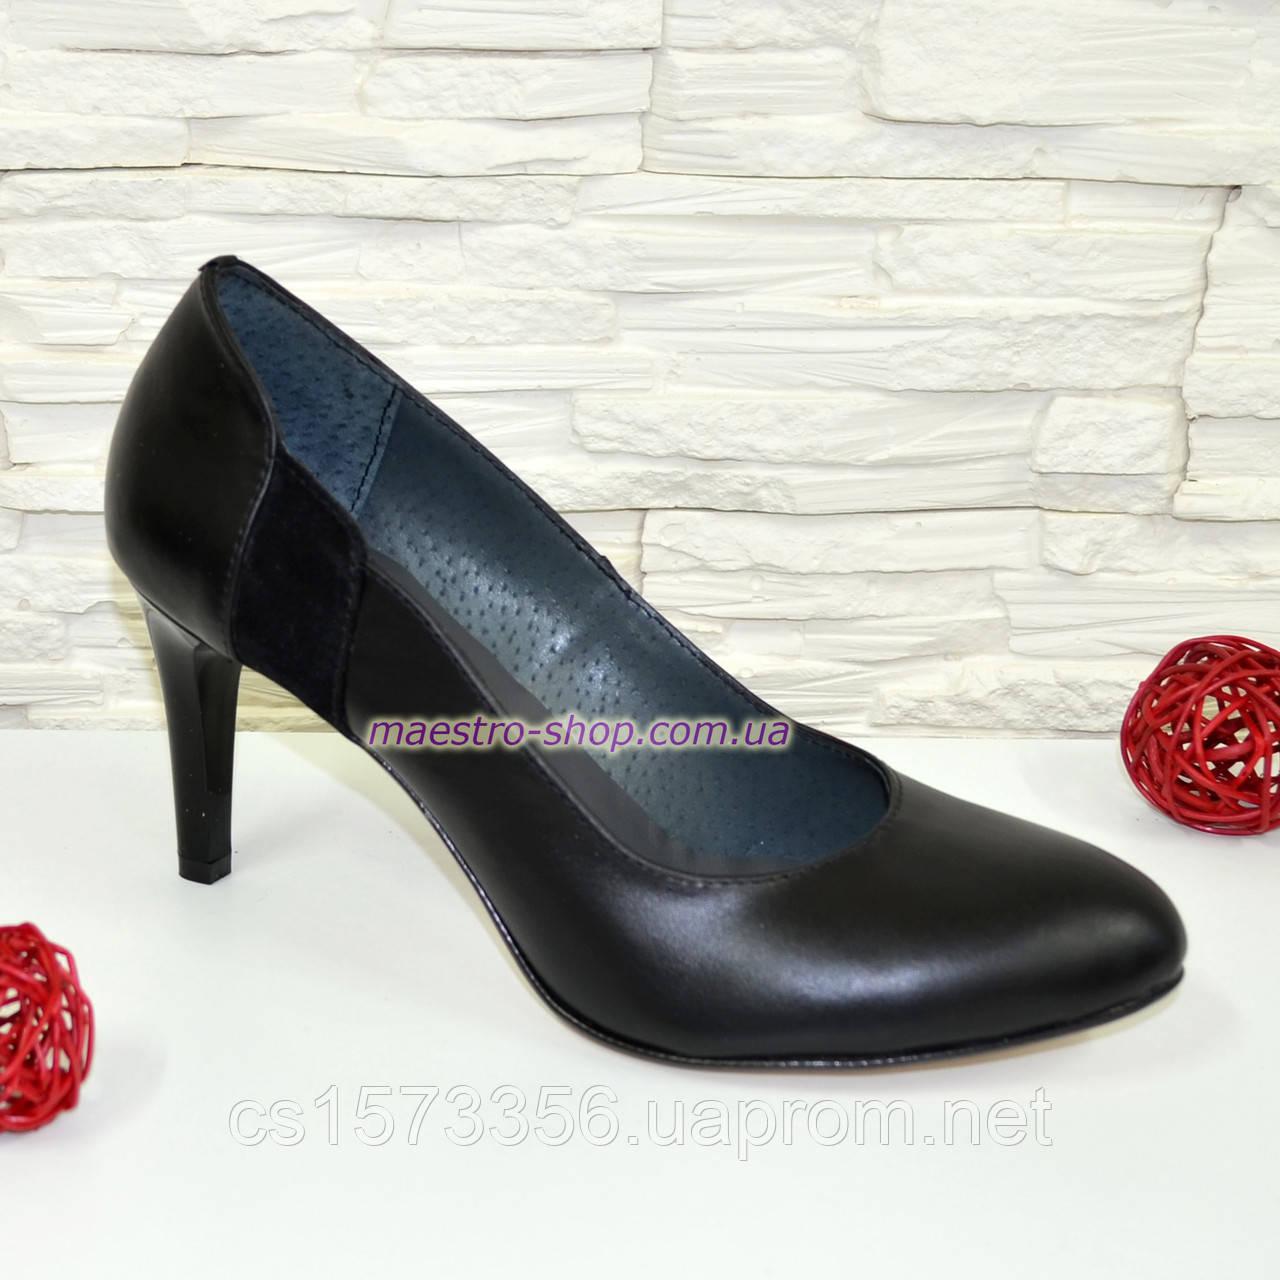 Туфли женские кожаные черные на шпильке